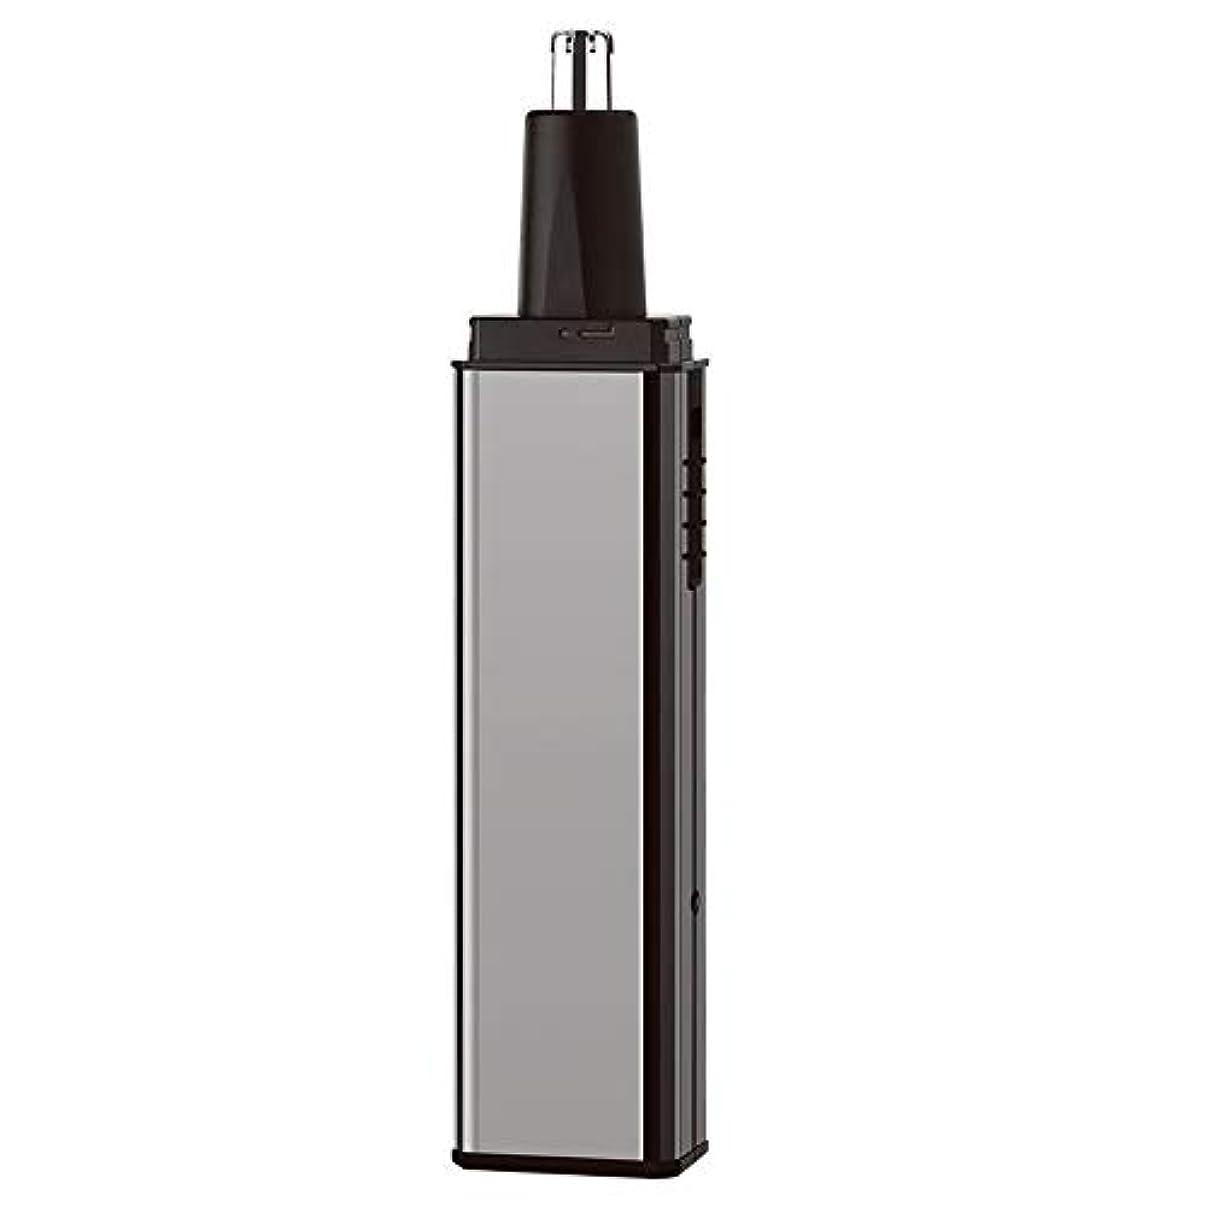 物理的にお勧め肉鼻毛トリマー-多機能スーツフォーインワン/電気鼻毛トリマー/ステンレススチール/多機能/ 13.5 * 2.7cm 作り方がすぐれている